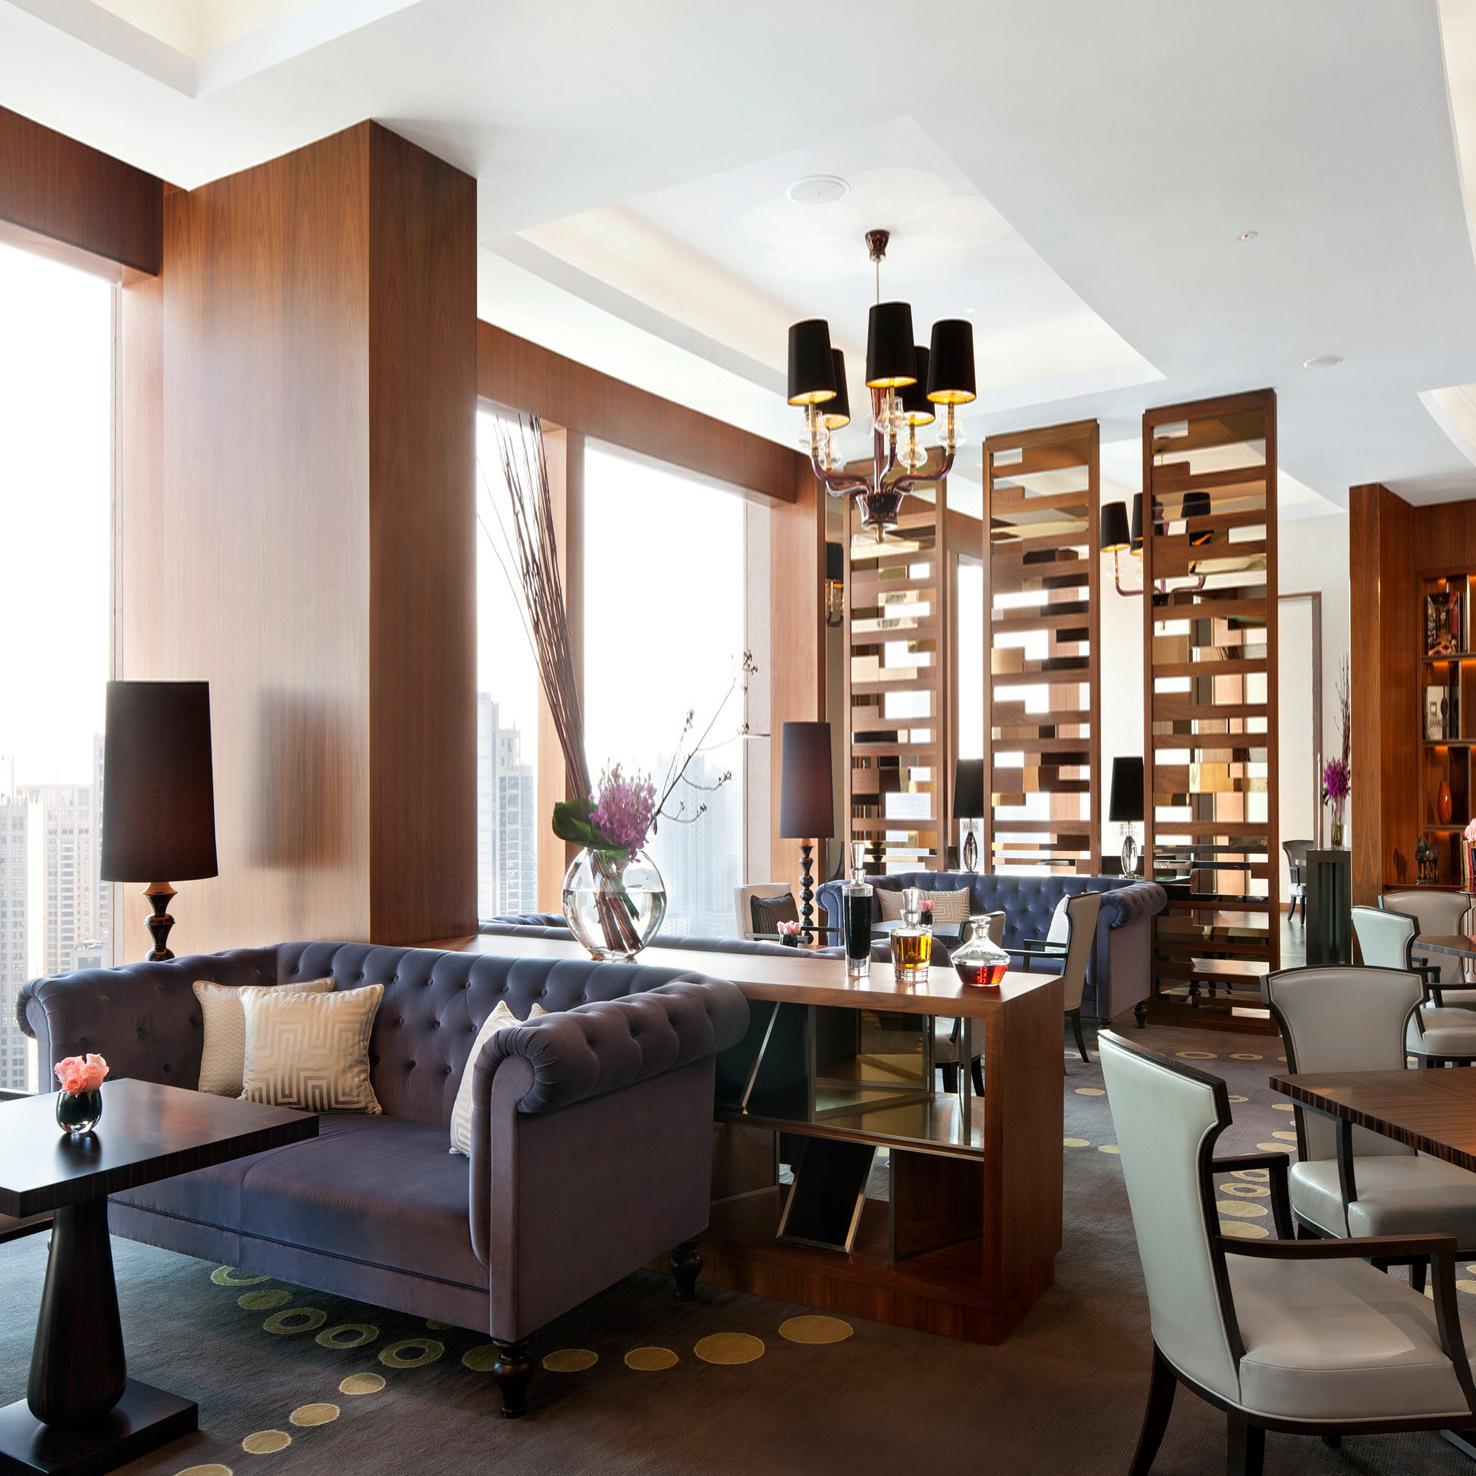 酒店欧式沙发 欧式实木框架沙发 酒店大堂沙发 佛山酒店家具定制